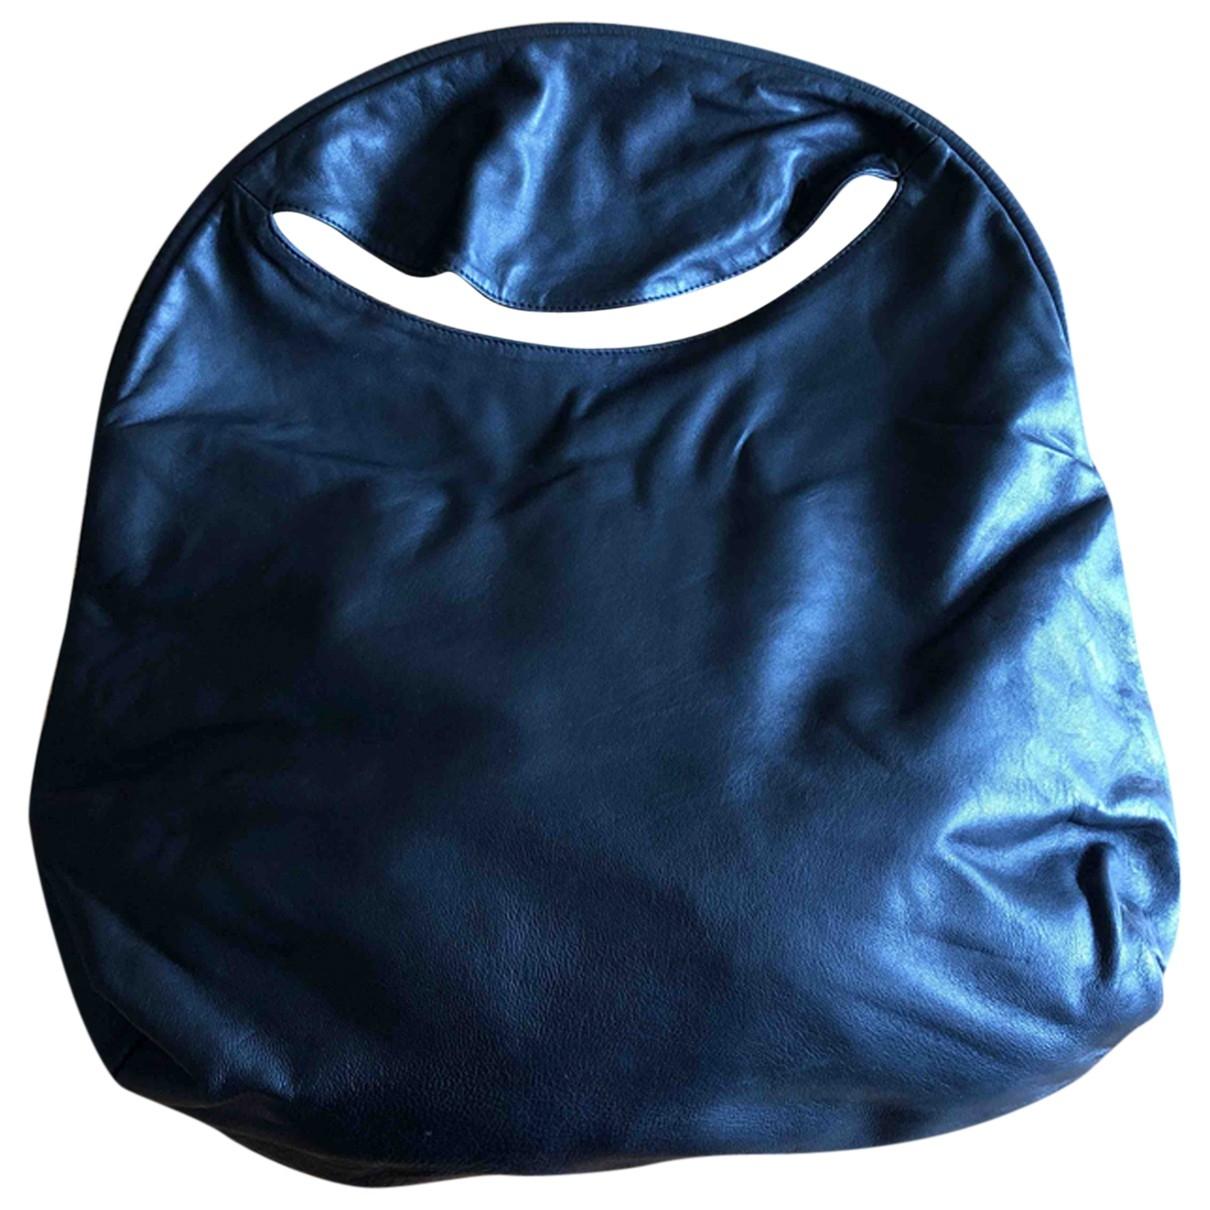 Maison Martin Margiela \N Black Leather handbag for Women \N